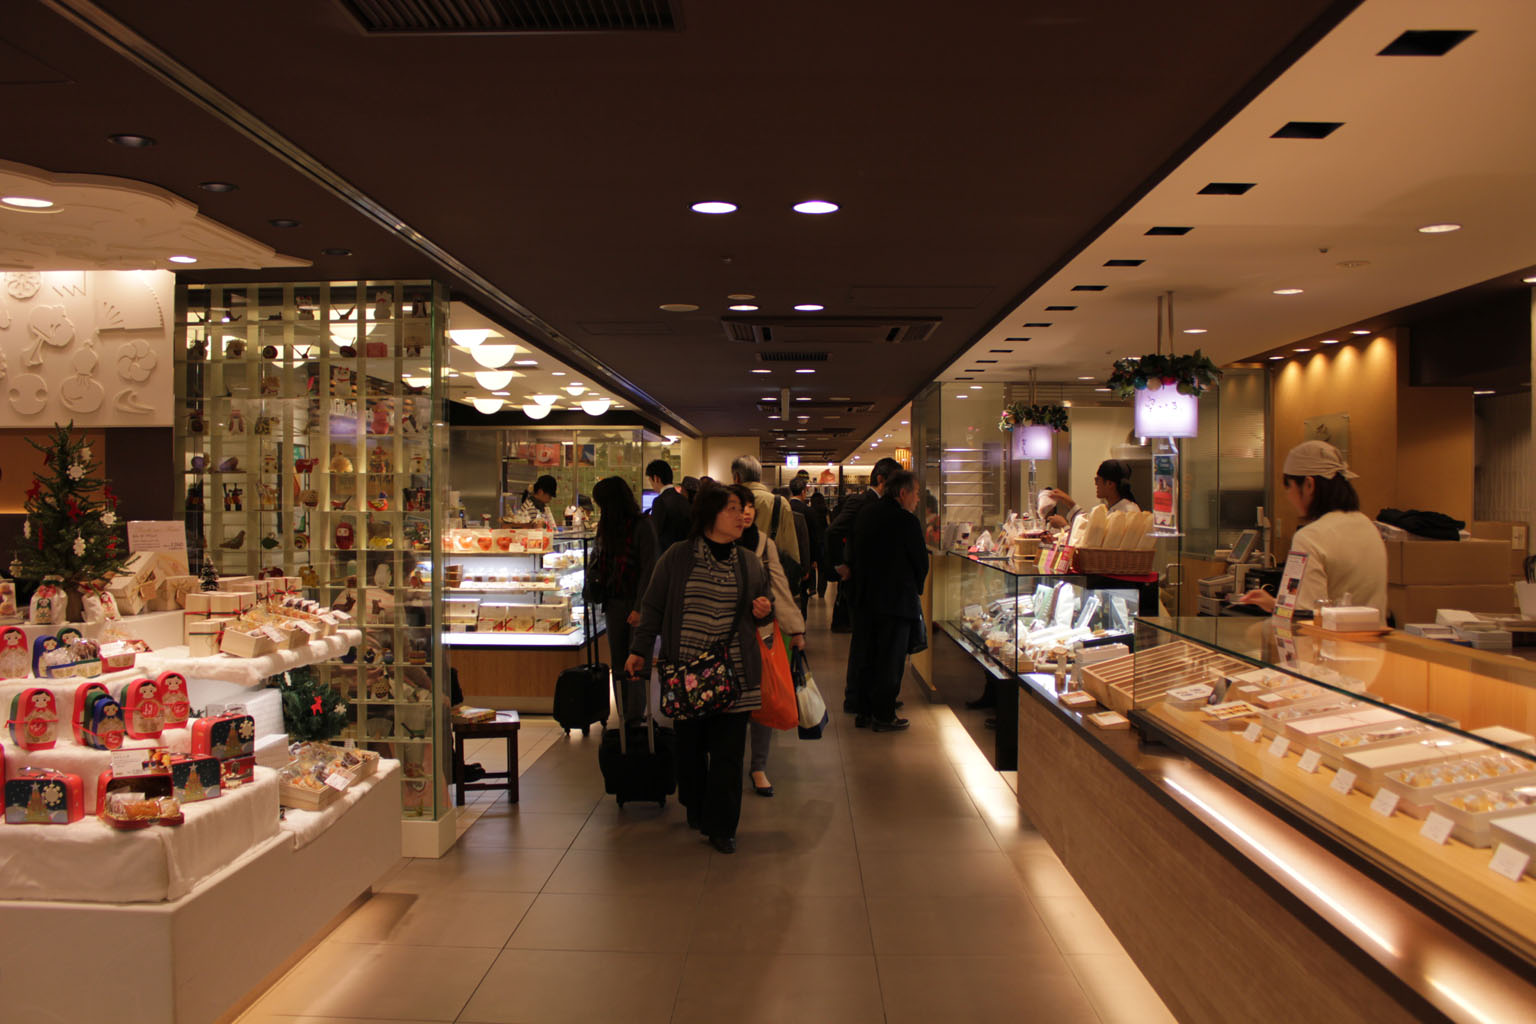 商品棚300-500lux_3000Kで統一感があり雰囲気がよい